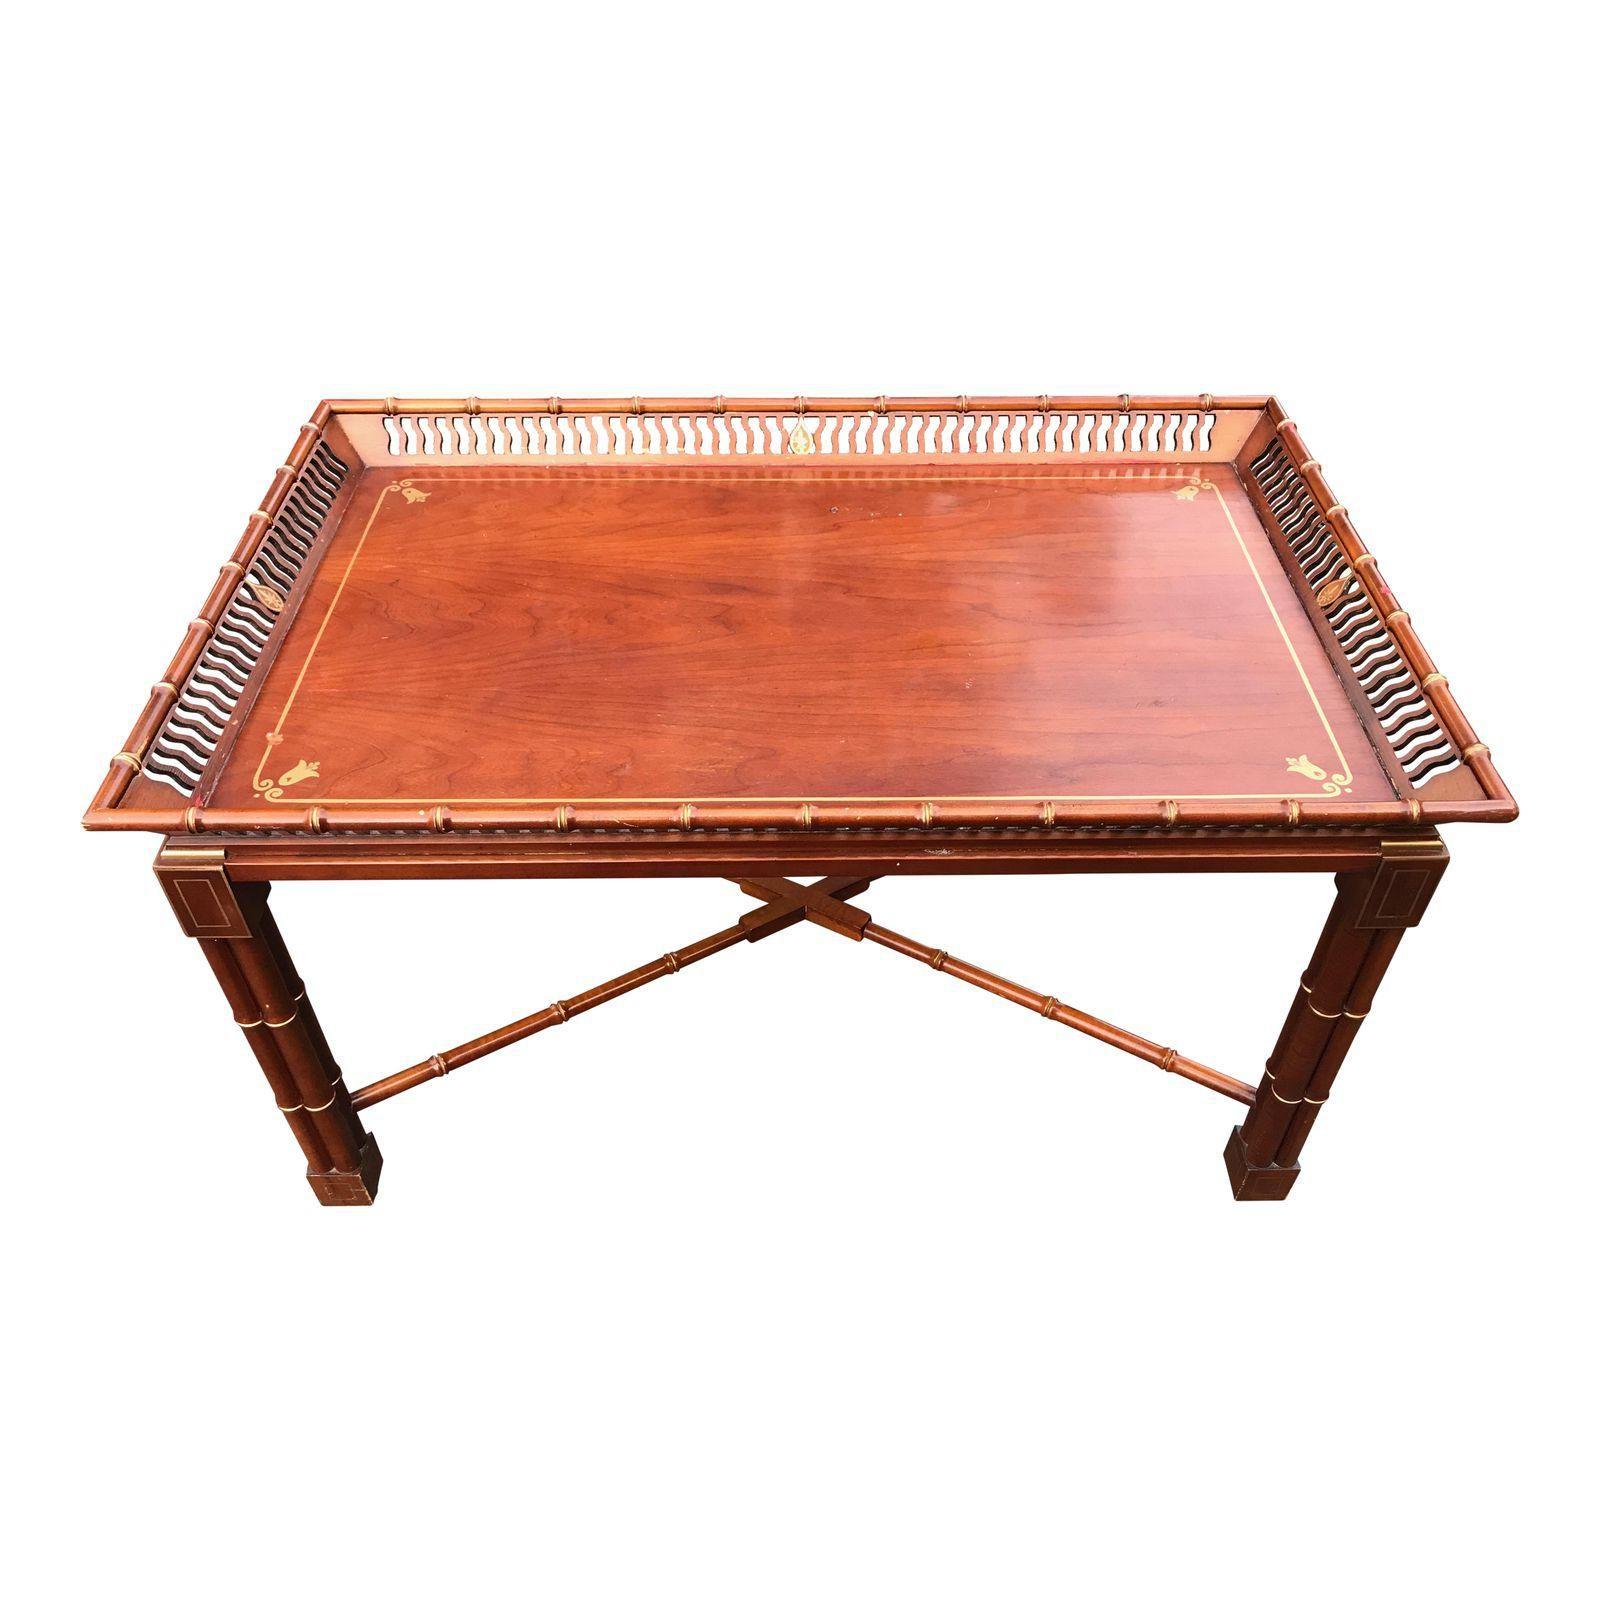 d50c5702afad688590e74a988249443e Impressionnant De Table Basse Bois Naturel Des Idées